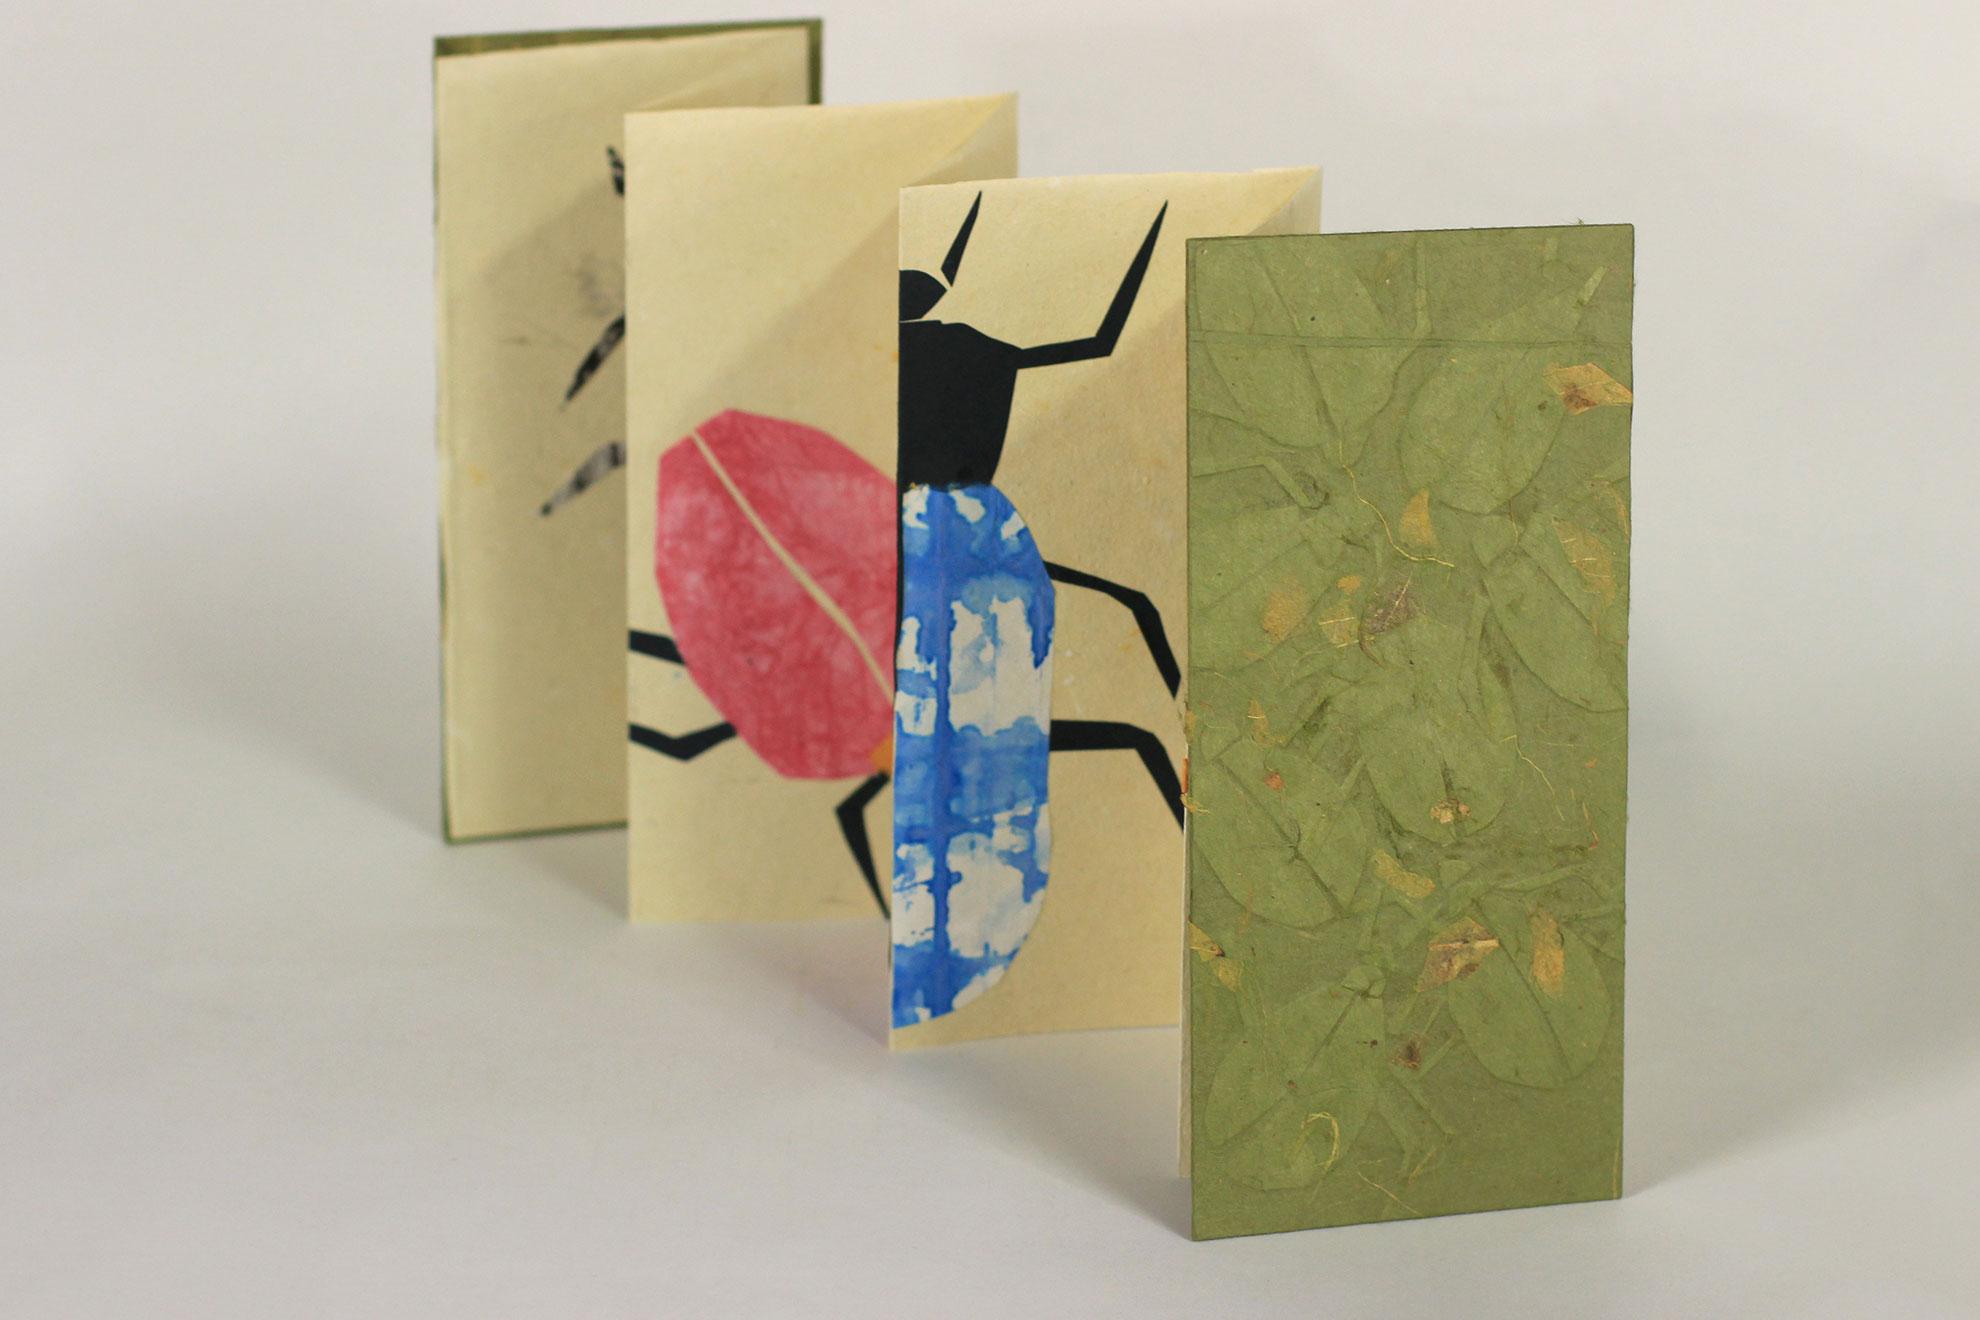 Katie Platte, Beetles, Handmade Papers, 2018, $50, Kalamazoo, MI